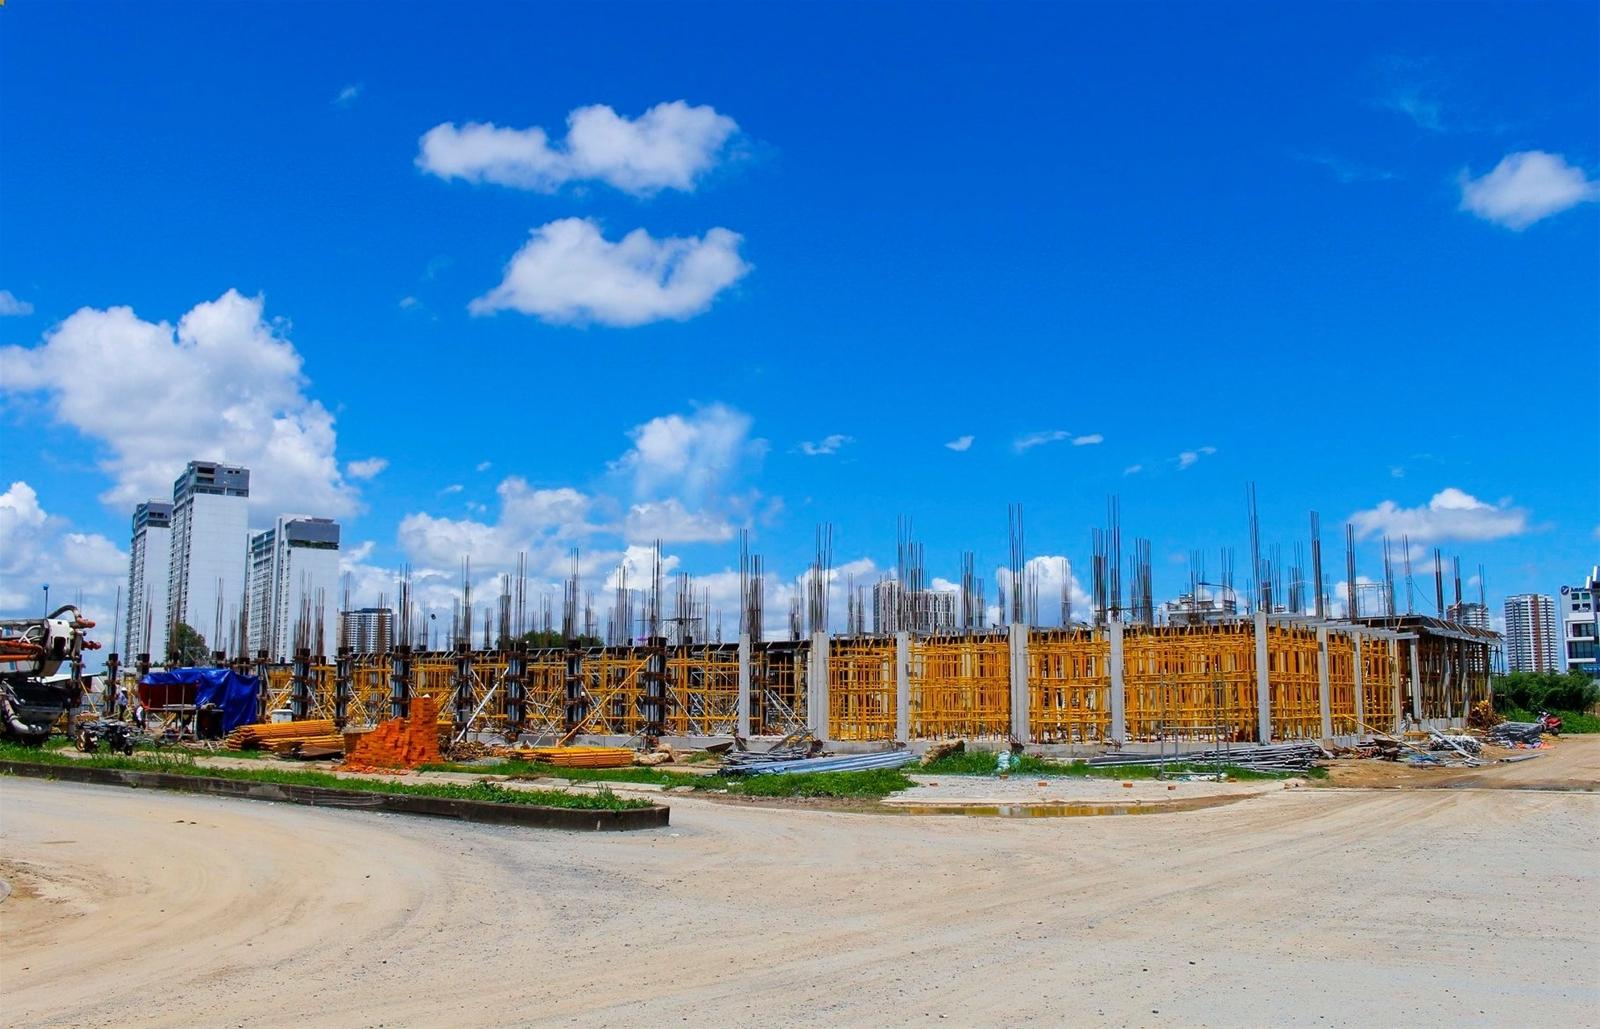 UBND TP.HCM và Sở Xây dựng mâu thuẫn tại dự án quận 2?